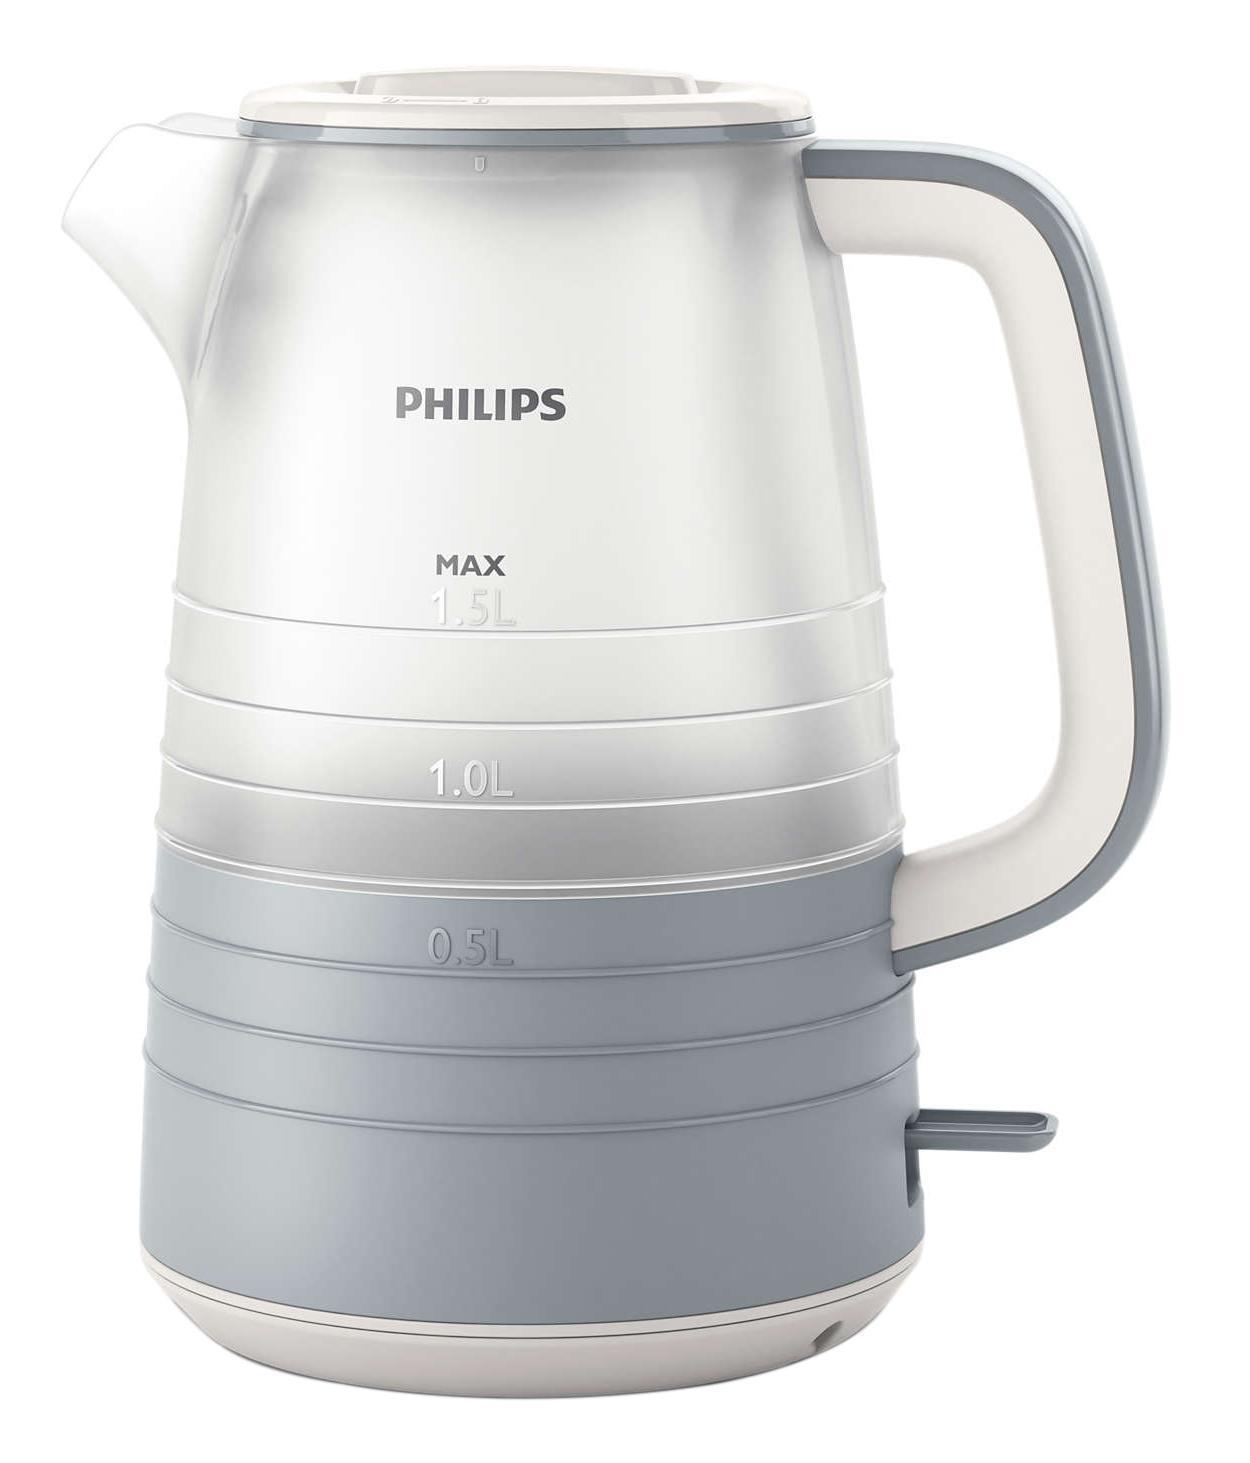 Philips HD9335/31 электрический чайникHD9335/31Благодаря тщательно продуманному дизайну уровень воды в чайнике просматривается под любым углом. Кроме того, микрофильтр эффективно фильтрует воду, удерживая известковые отложения. Надежное и эффективное кипячение воды и долгий срок службы.Понятный индикатор уровня воды просматривается с любой стороны благодаря прозрачному корпусу. Уровень воды обозначается с помощью стильных полосок с указанием количества чашек.Особый дизайн крышки, ручки и переключателя предотвращает образование конденсата и контакт с паром.Съемный микрофильтр в носике удерживает все частицы накипи размером > 180 микрон, чтобы вода всегда была чистой.Комплексная система безопасности для предотвращения короткого замыкания и выкипания воды. Функция автовыключения активируется, когда процесс завершается или прибор снимается с основания.Шнур оборачивается вокруг основания, что позволяет легко разместить чайник на кухне.Встроенный нагревательный элемент из нержавеющей стали обеспечивает быстрое кипячение и простую чистку.